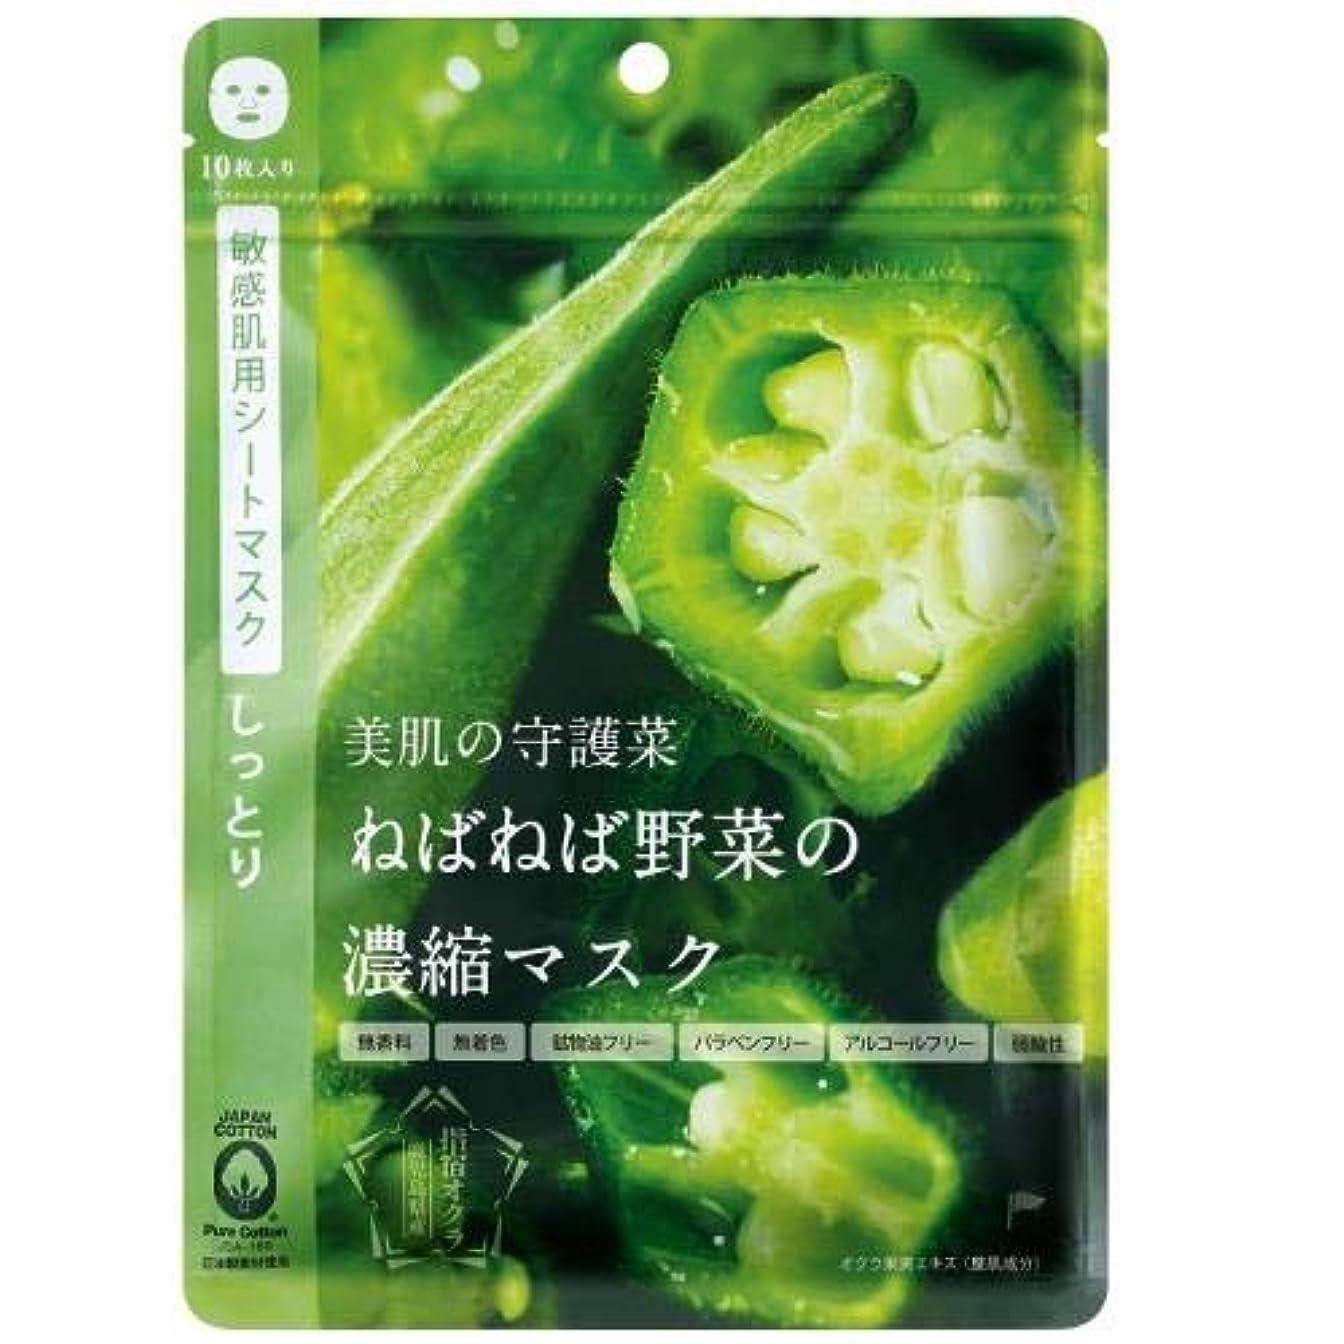 ランダム読書なんとなくアイメーカーズ @cosme nippon (アットコスメニッポン) 美肌の守護菜 ねばねば野菜の濃縮マスク 指宿オクラ 10枚 3個セット